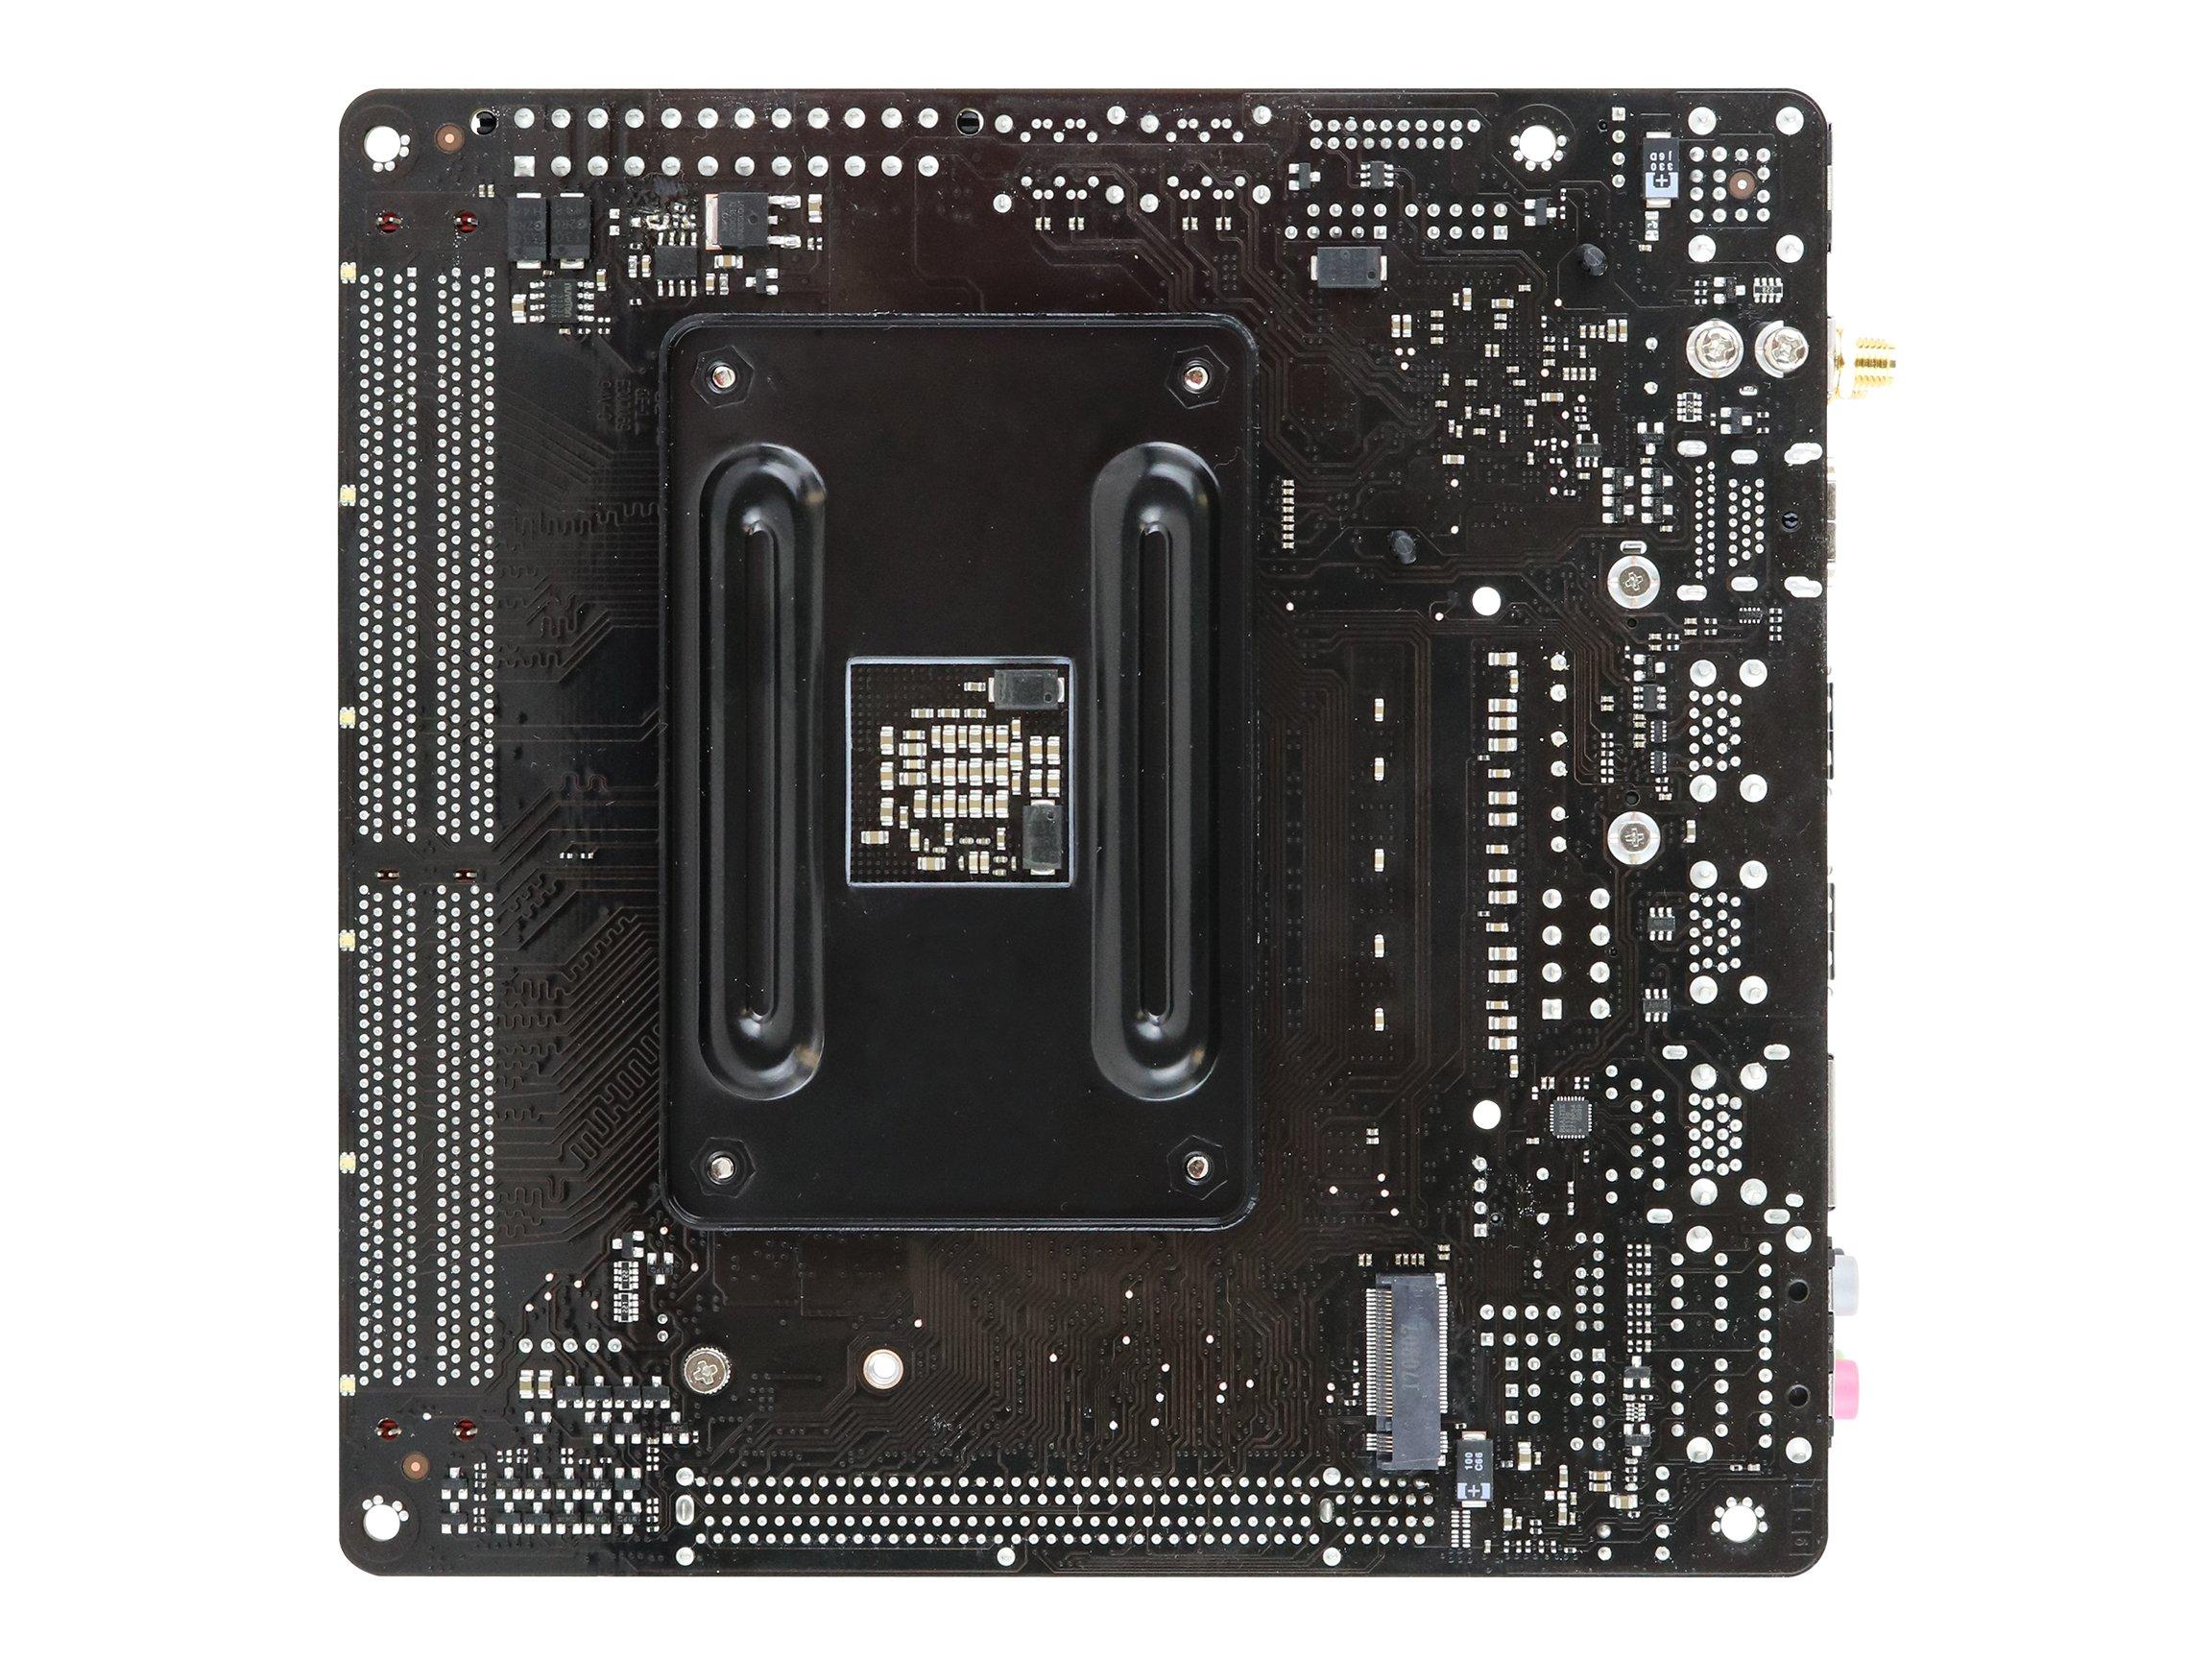 GIGABYTE GA-AB350N-Gaming WIFI (AMD/Ryzen AM4/B350/RGB Fusion/HDMI/DP/M.2/SATA/USB 3.1 Type-A/Wifi/Mini ITX/DDR4 Motherboard) by Gigabyte (Image #5)